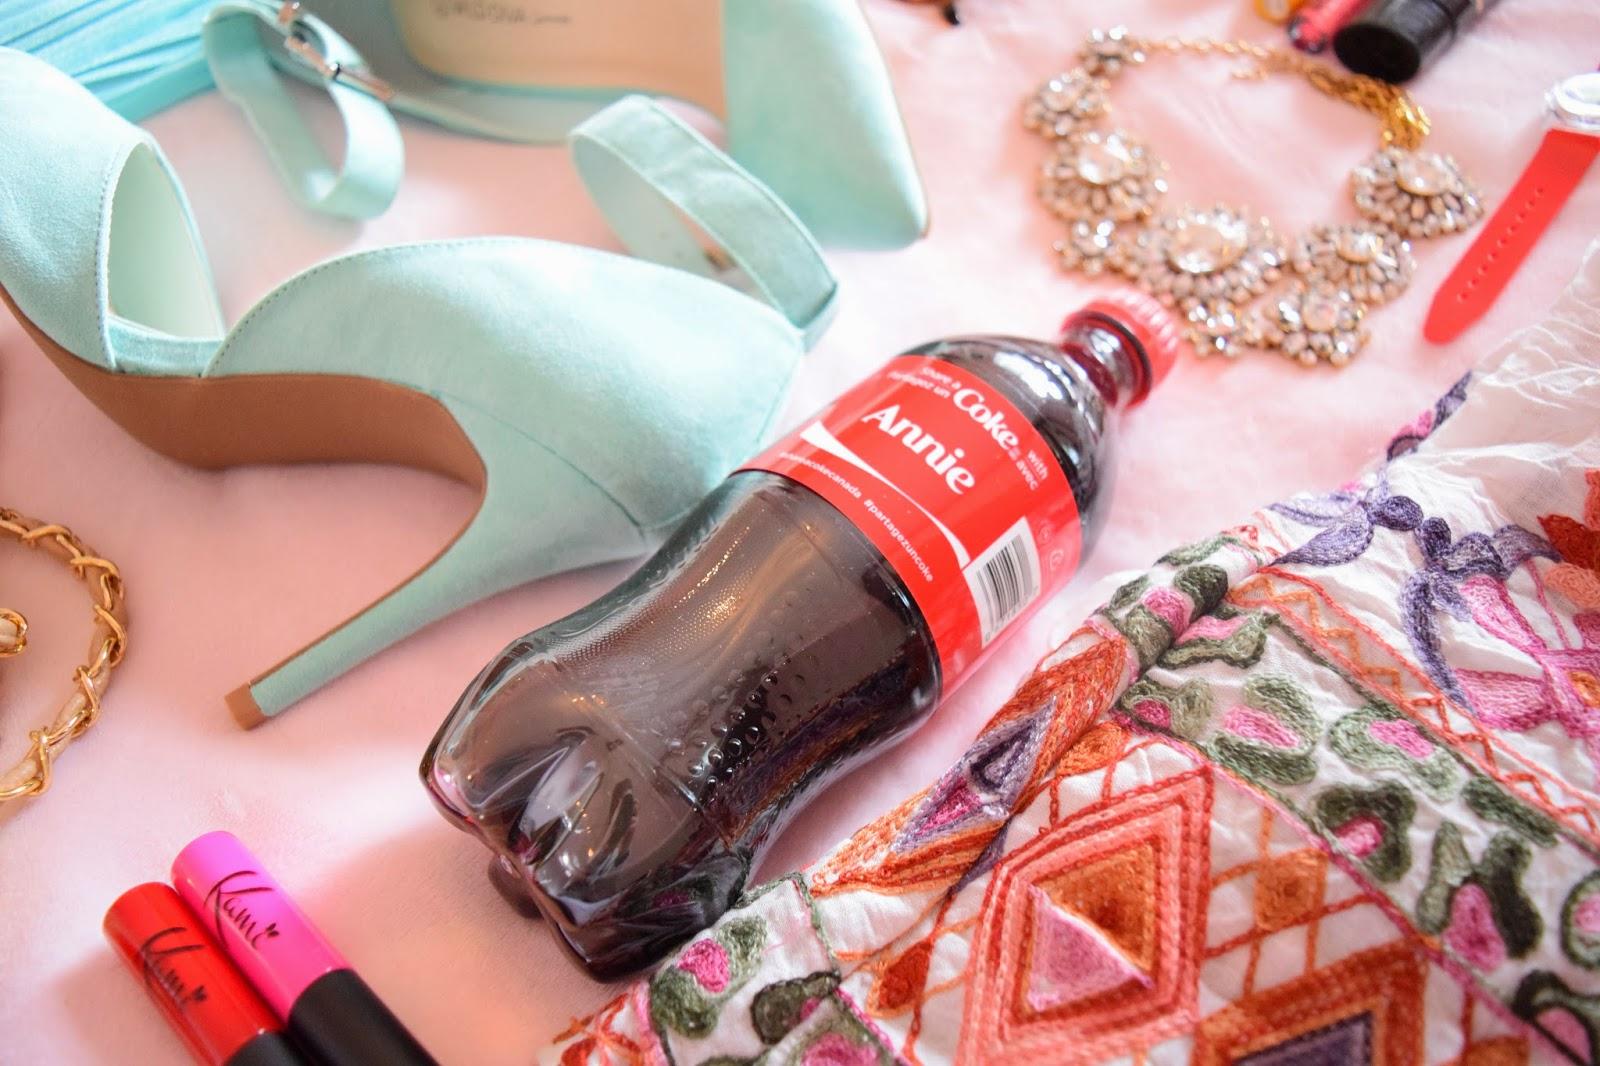 Annie, Coca Cola, Share A Coke, Custom Coke, Fashion, Accessories